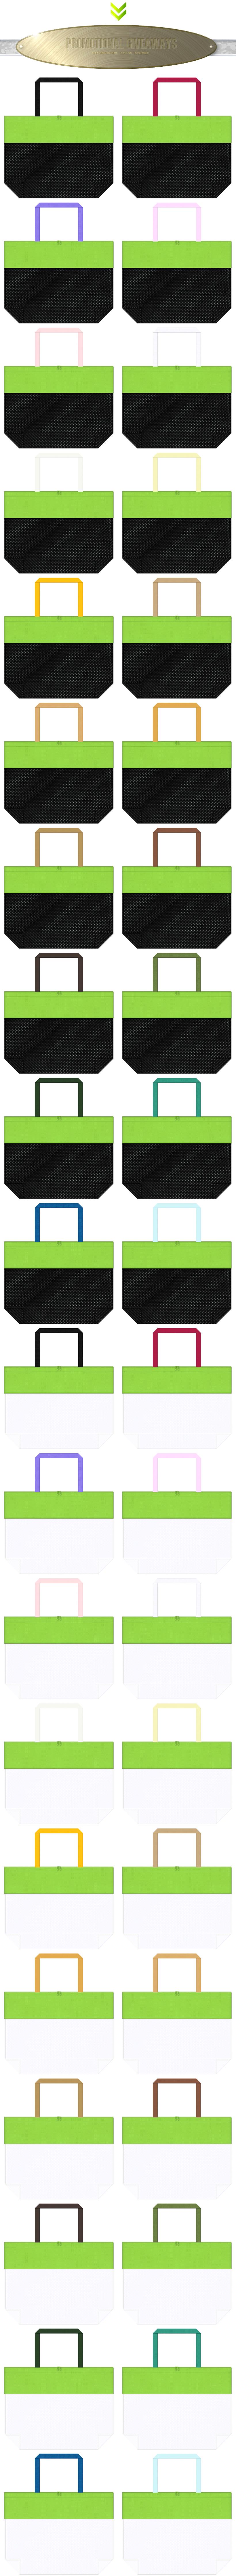 黒色メッシュ・白色メッシュと黄緑色の不織布をメインに使用した、台形型メッシュバッグのカラーシミュレーション